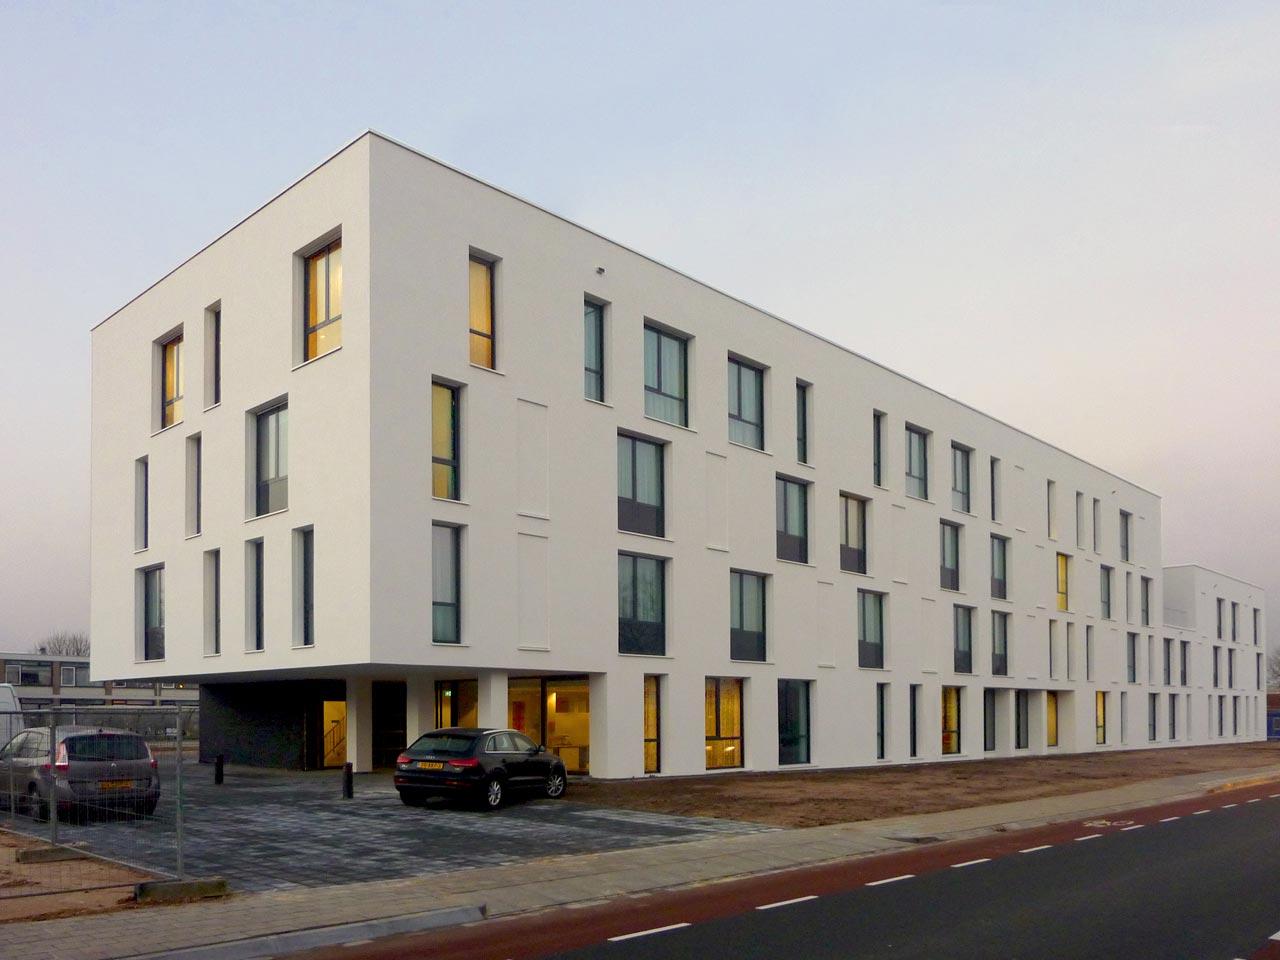 Eltheto Gezondheidscentrum en huisvesting-Bouwdeel 03 (opgelevered)